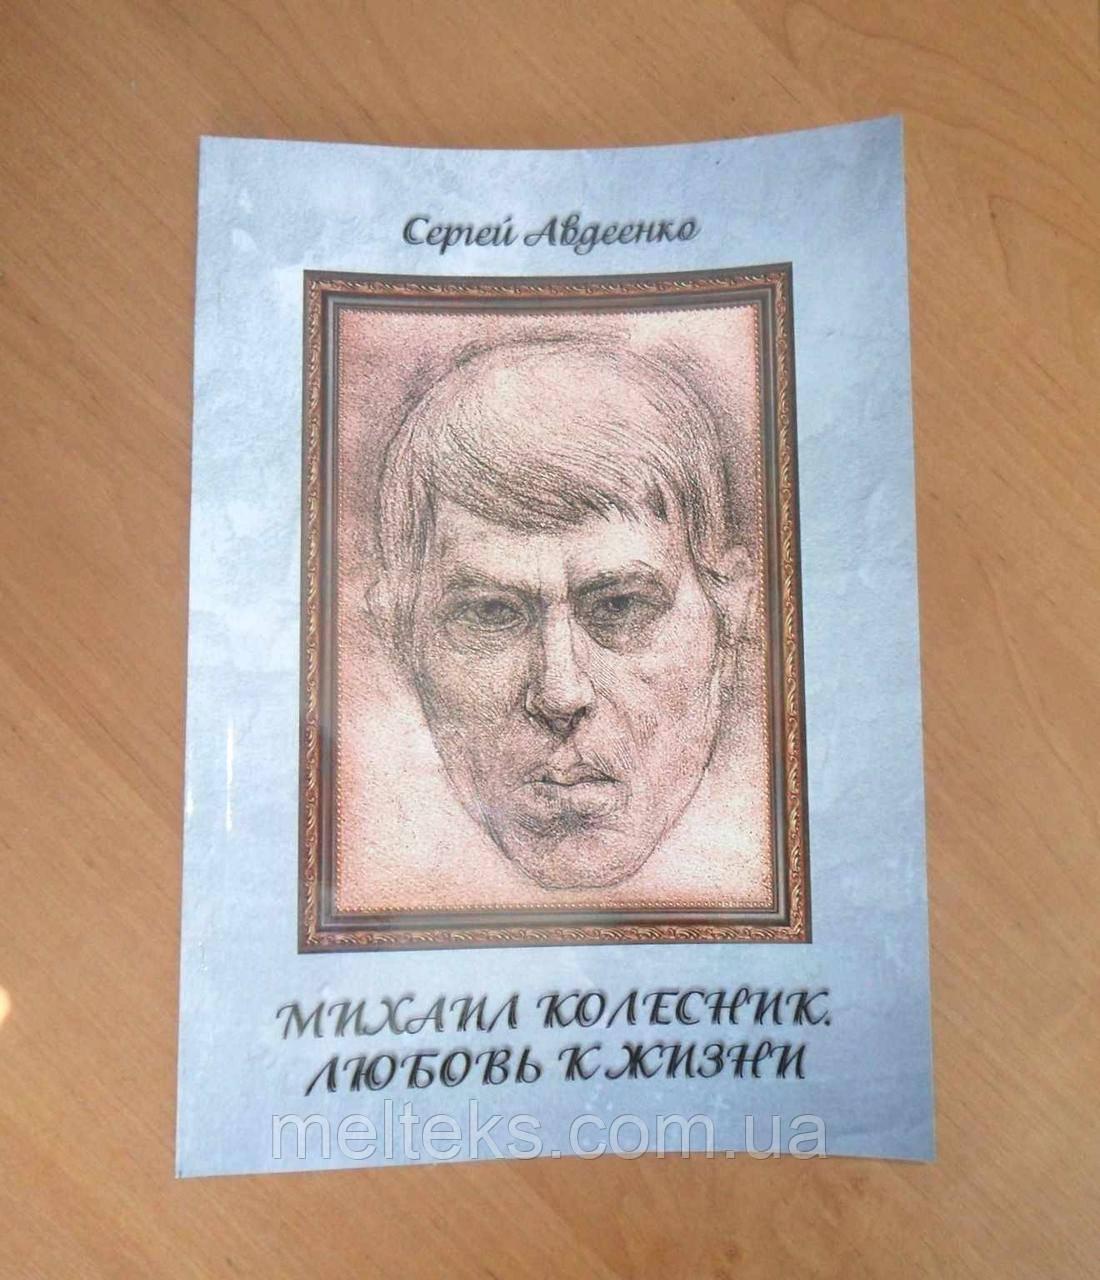 Михаил Колесник. Любовь к жизни (книга Сергея Авдеенко)